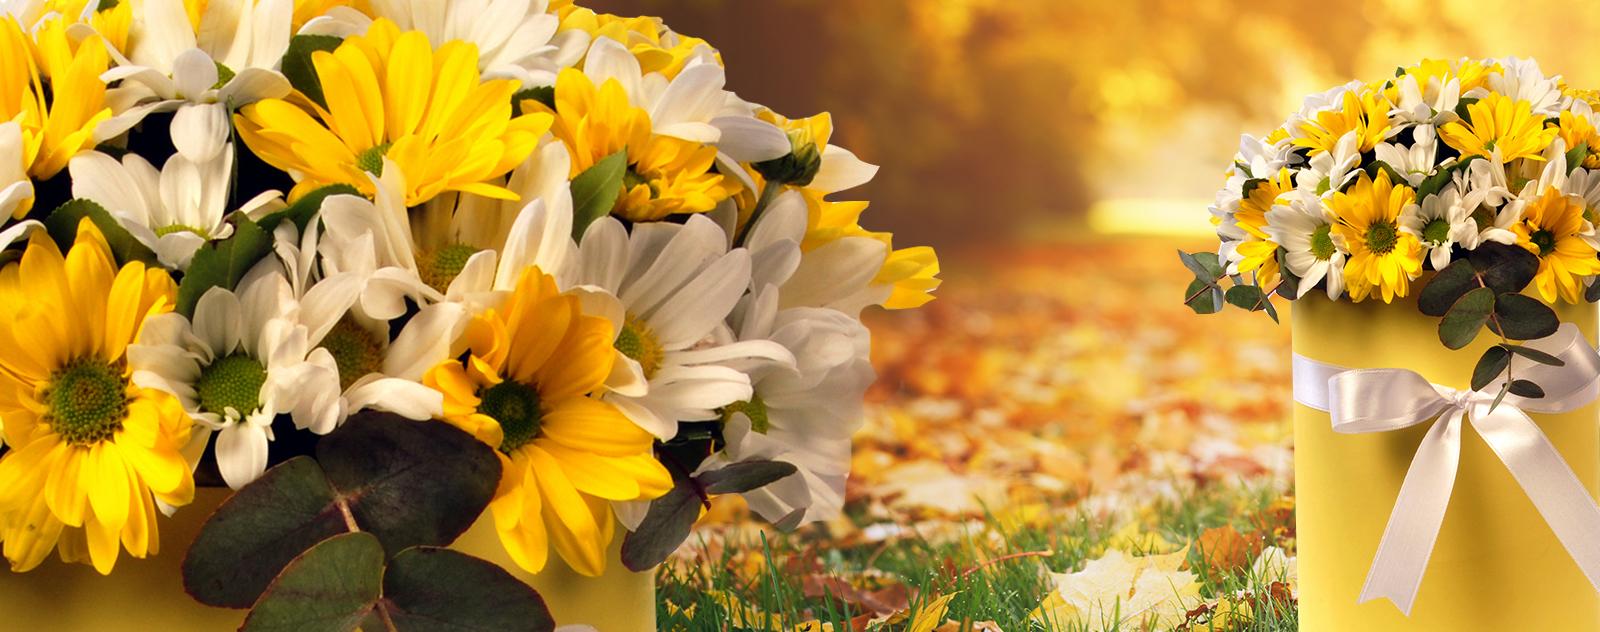 Sonbahar Çiçekleri